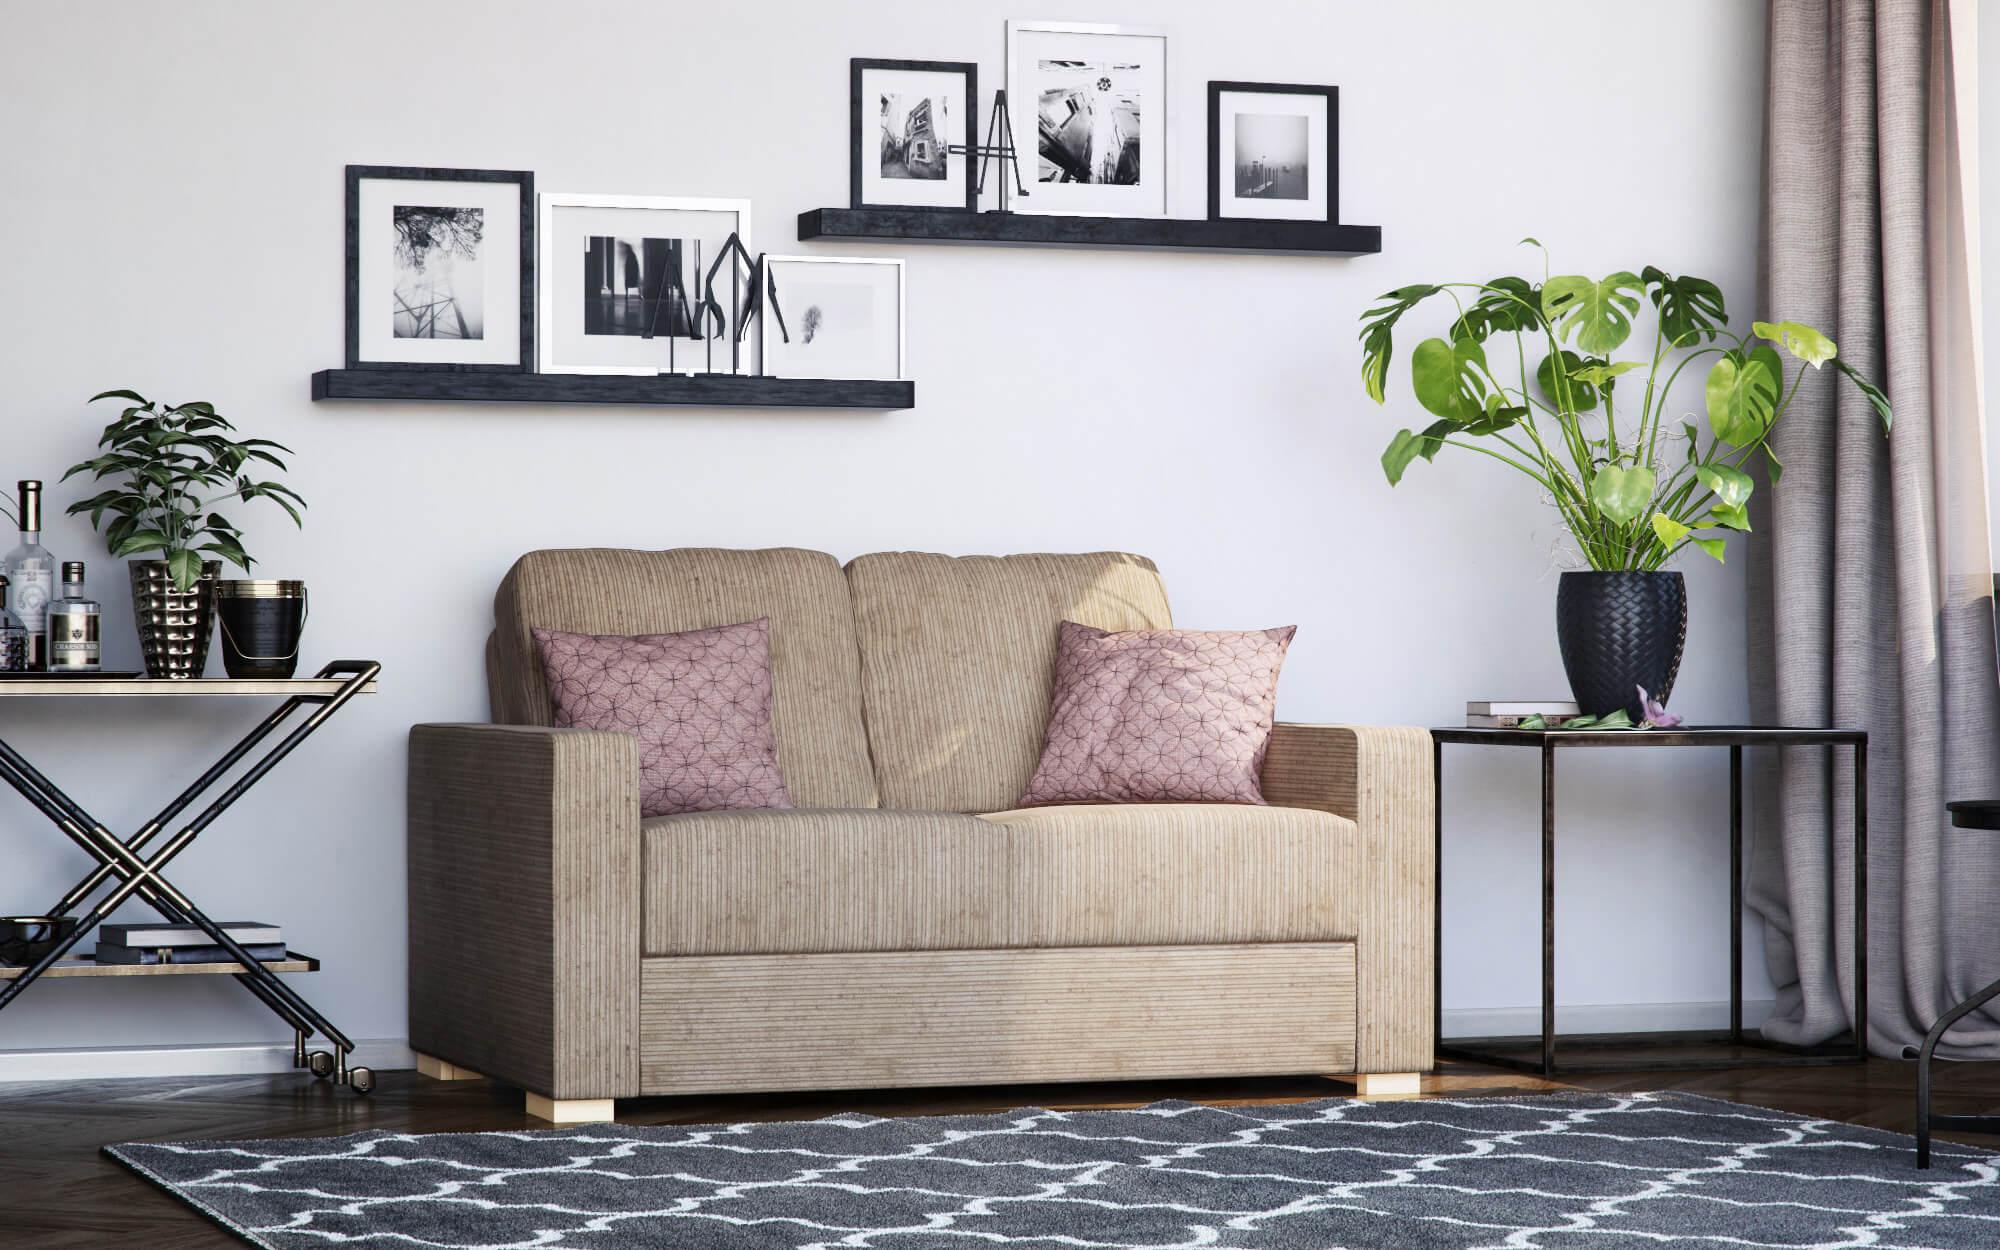 lear 2 seat sofa - budget friendly